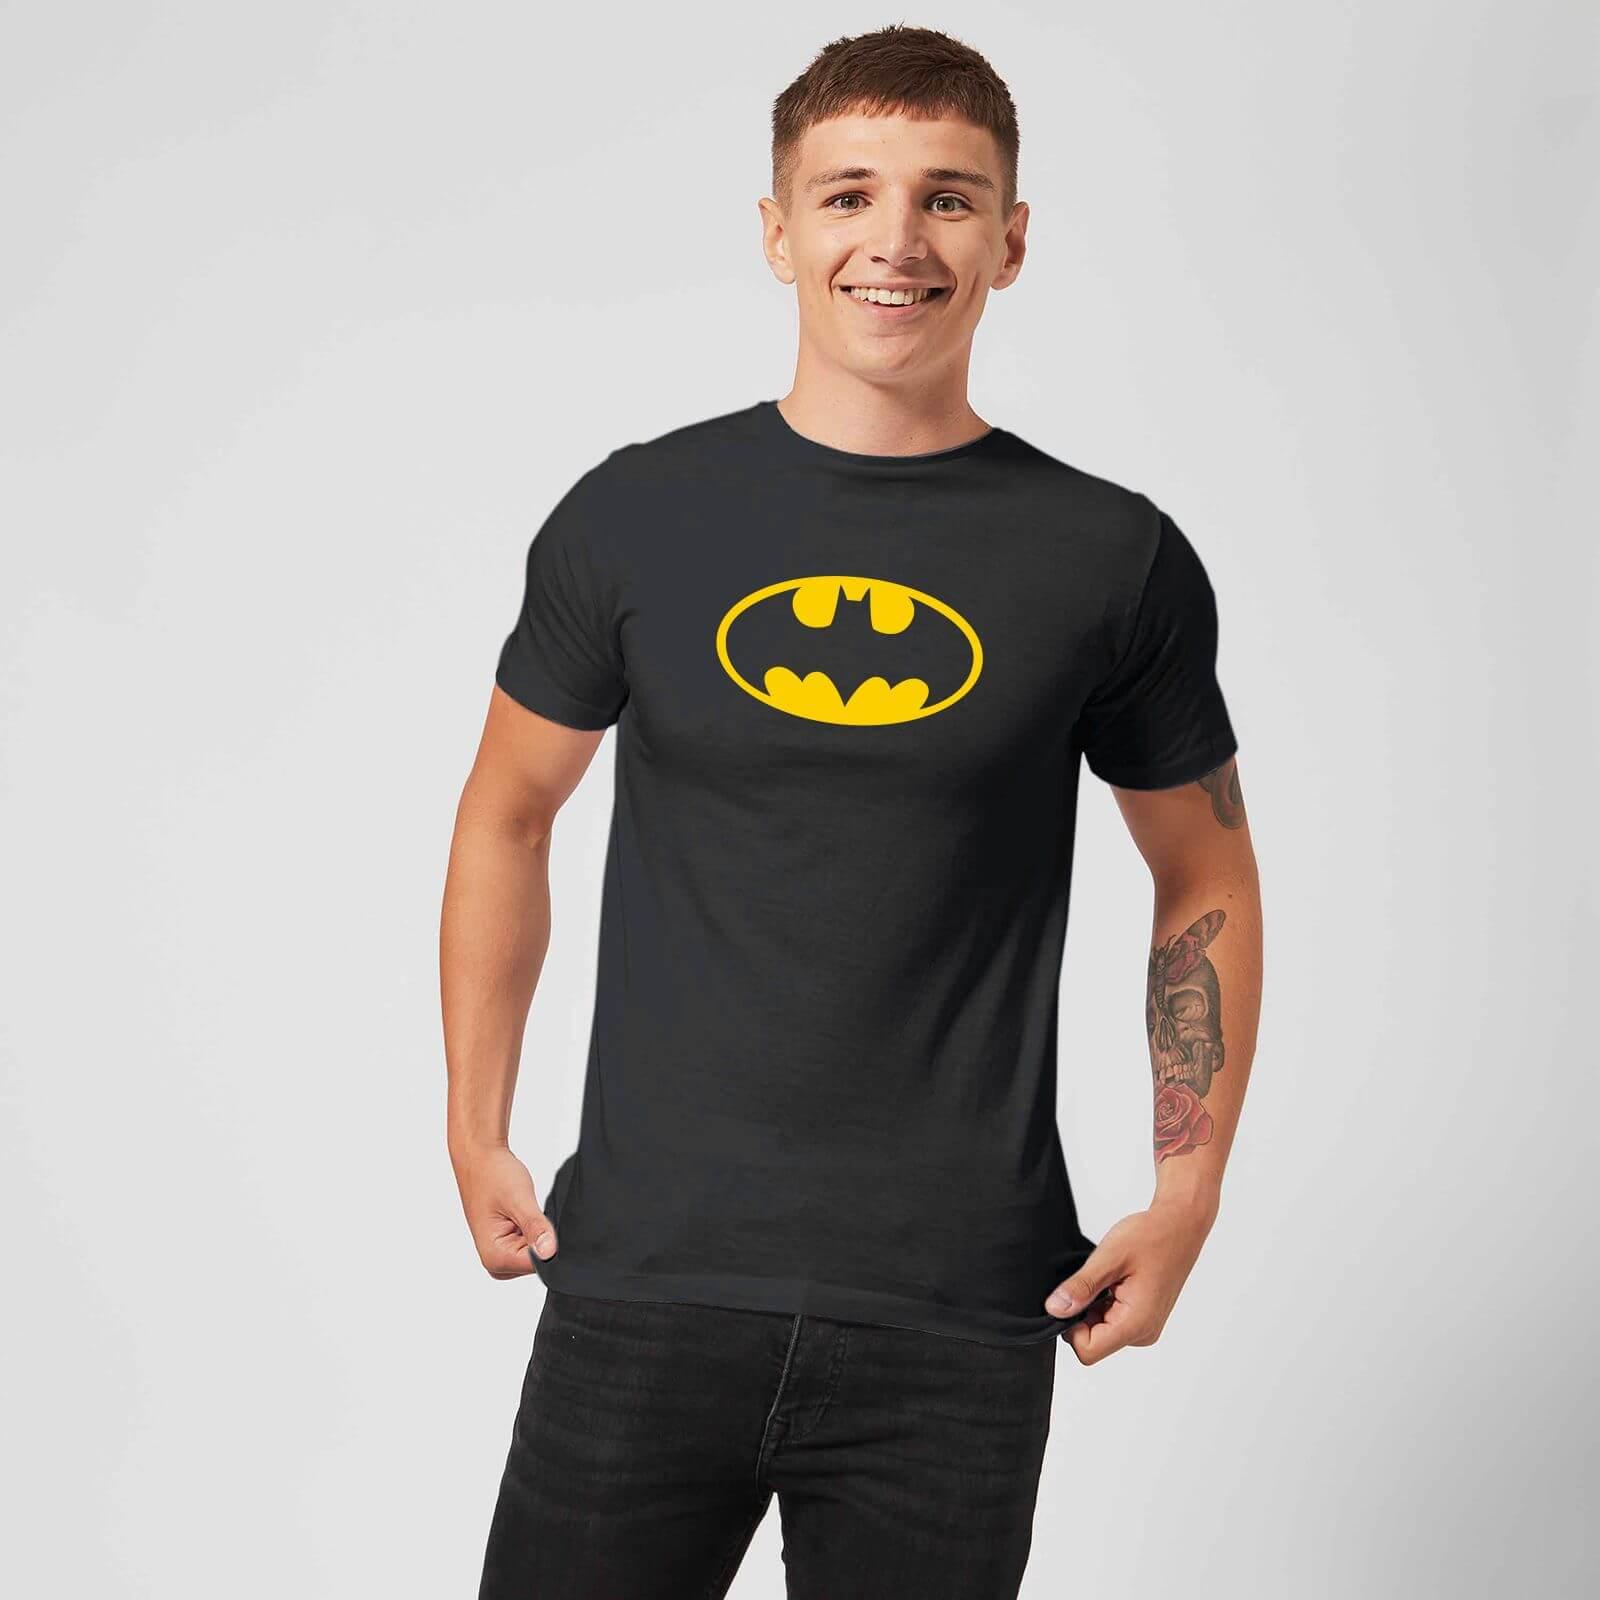 Batman T-Shirt & Socks bundle £7.99 Delivered @ IWOOT